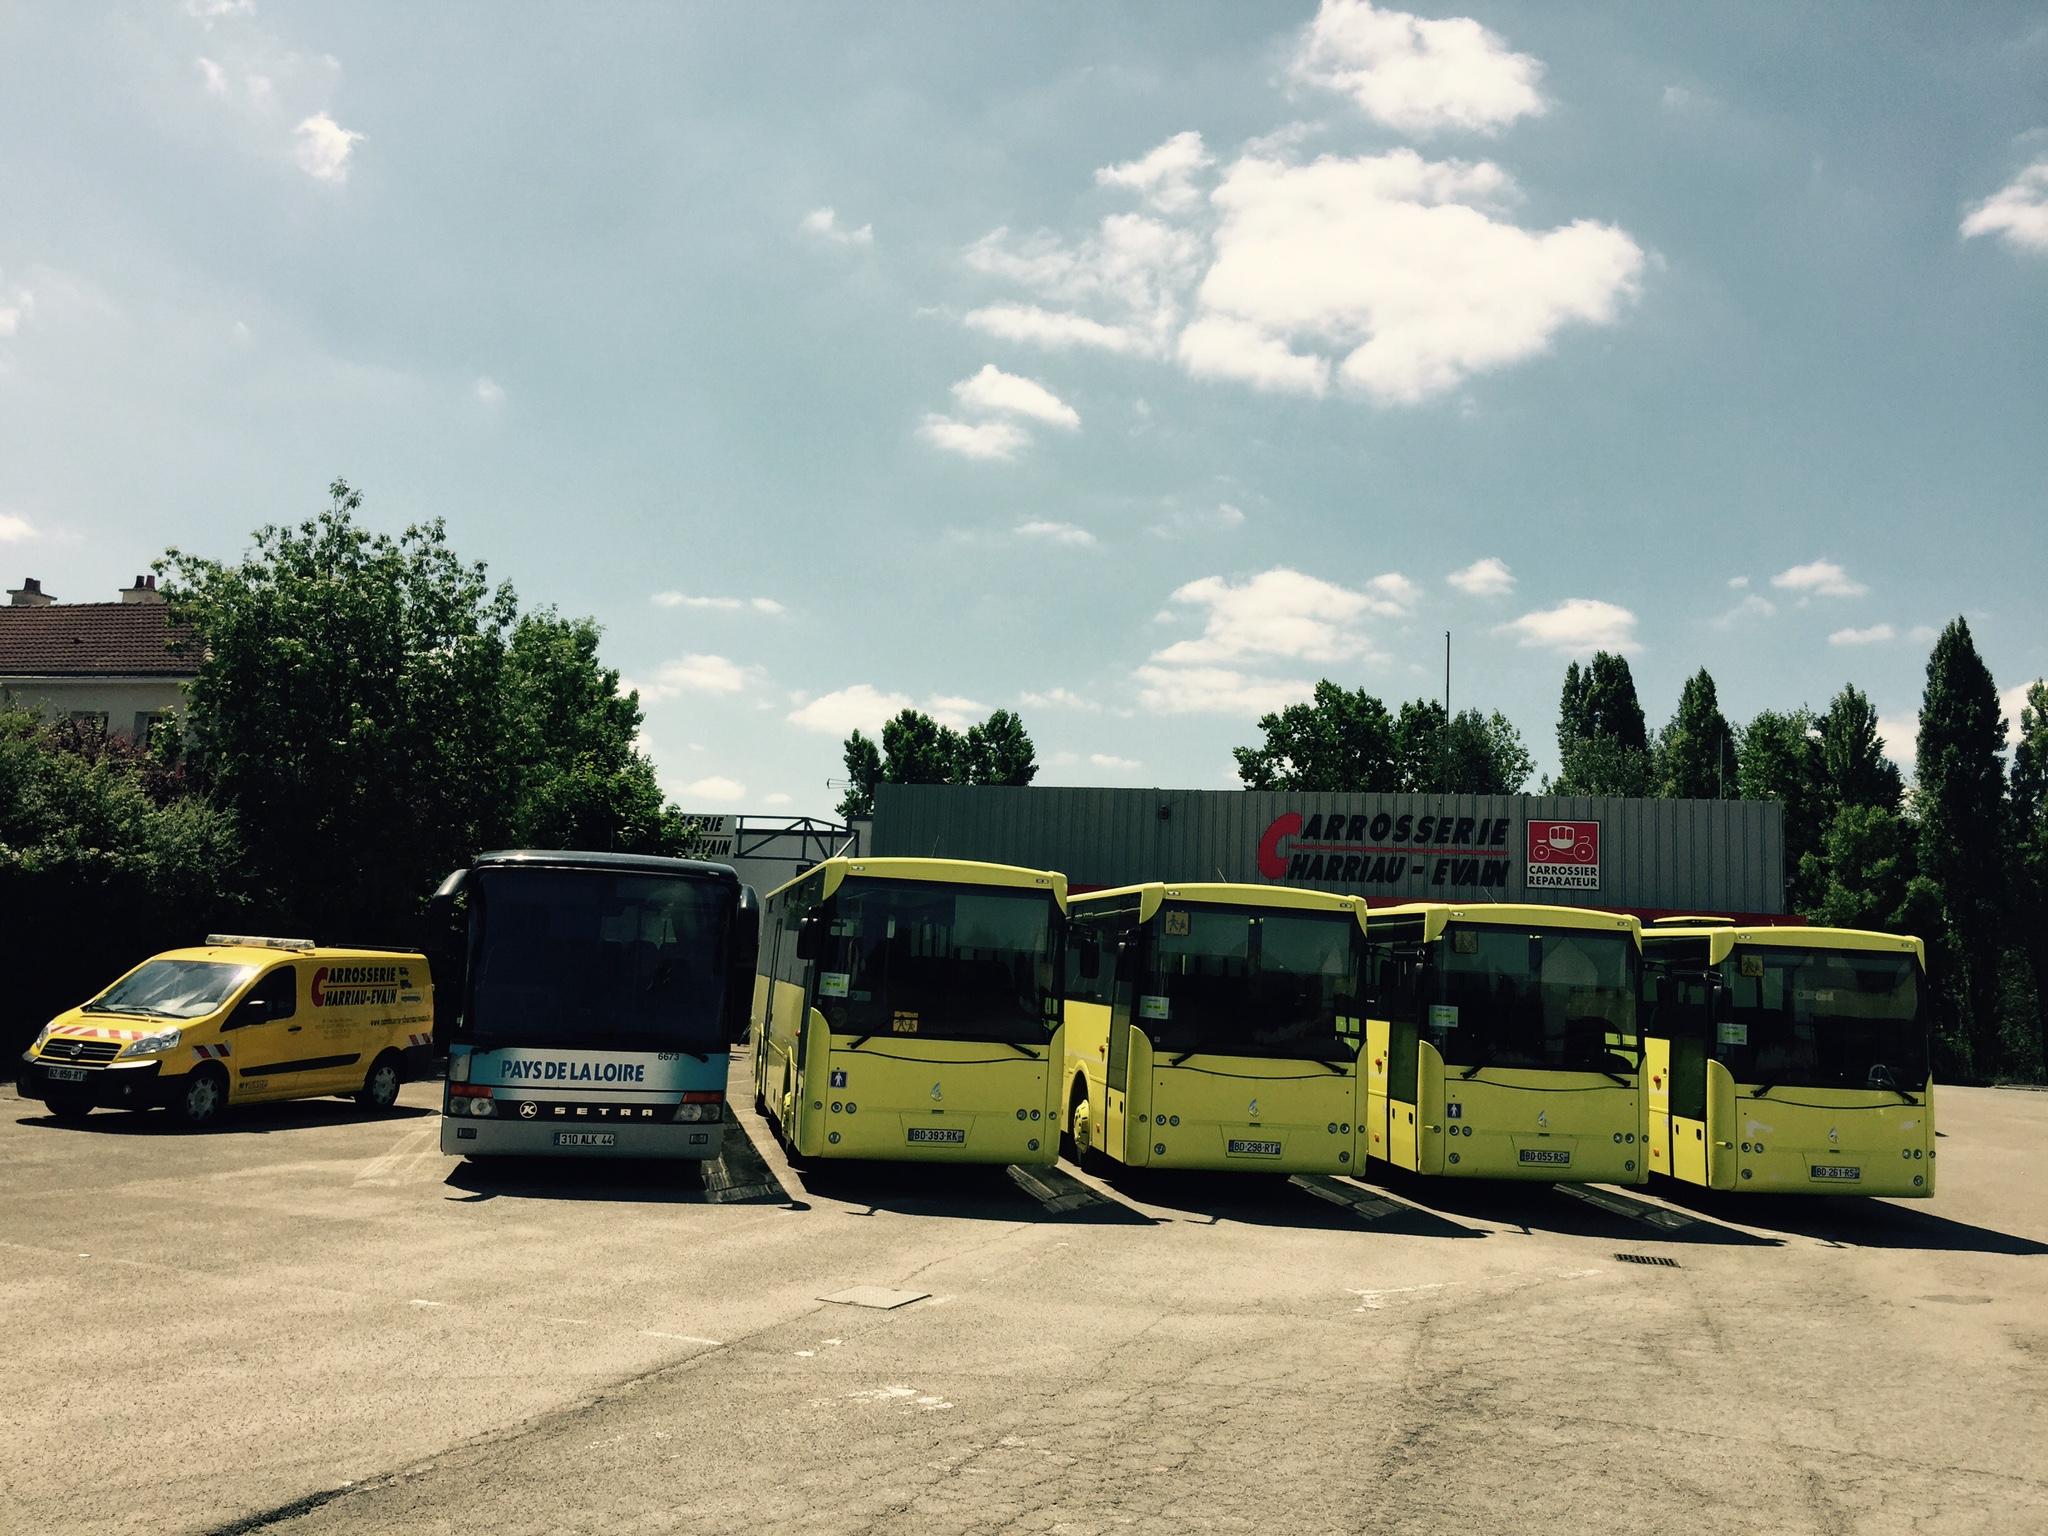 Autocars & Autobus